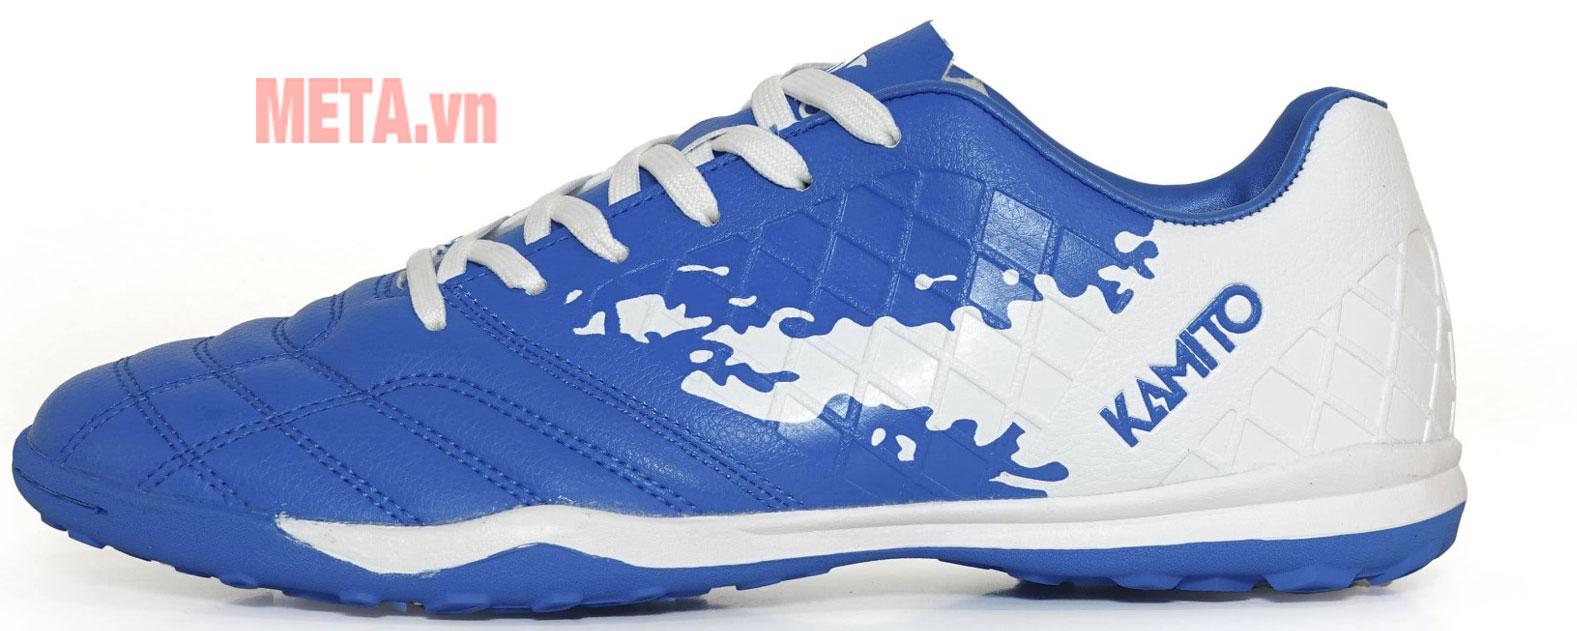 Giày đá bóng thiết kế nhiều màu sắc để lựa chọn theo cá tinh